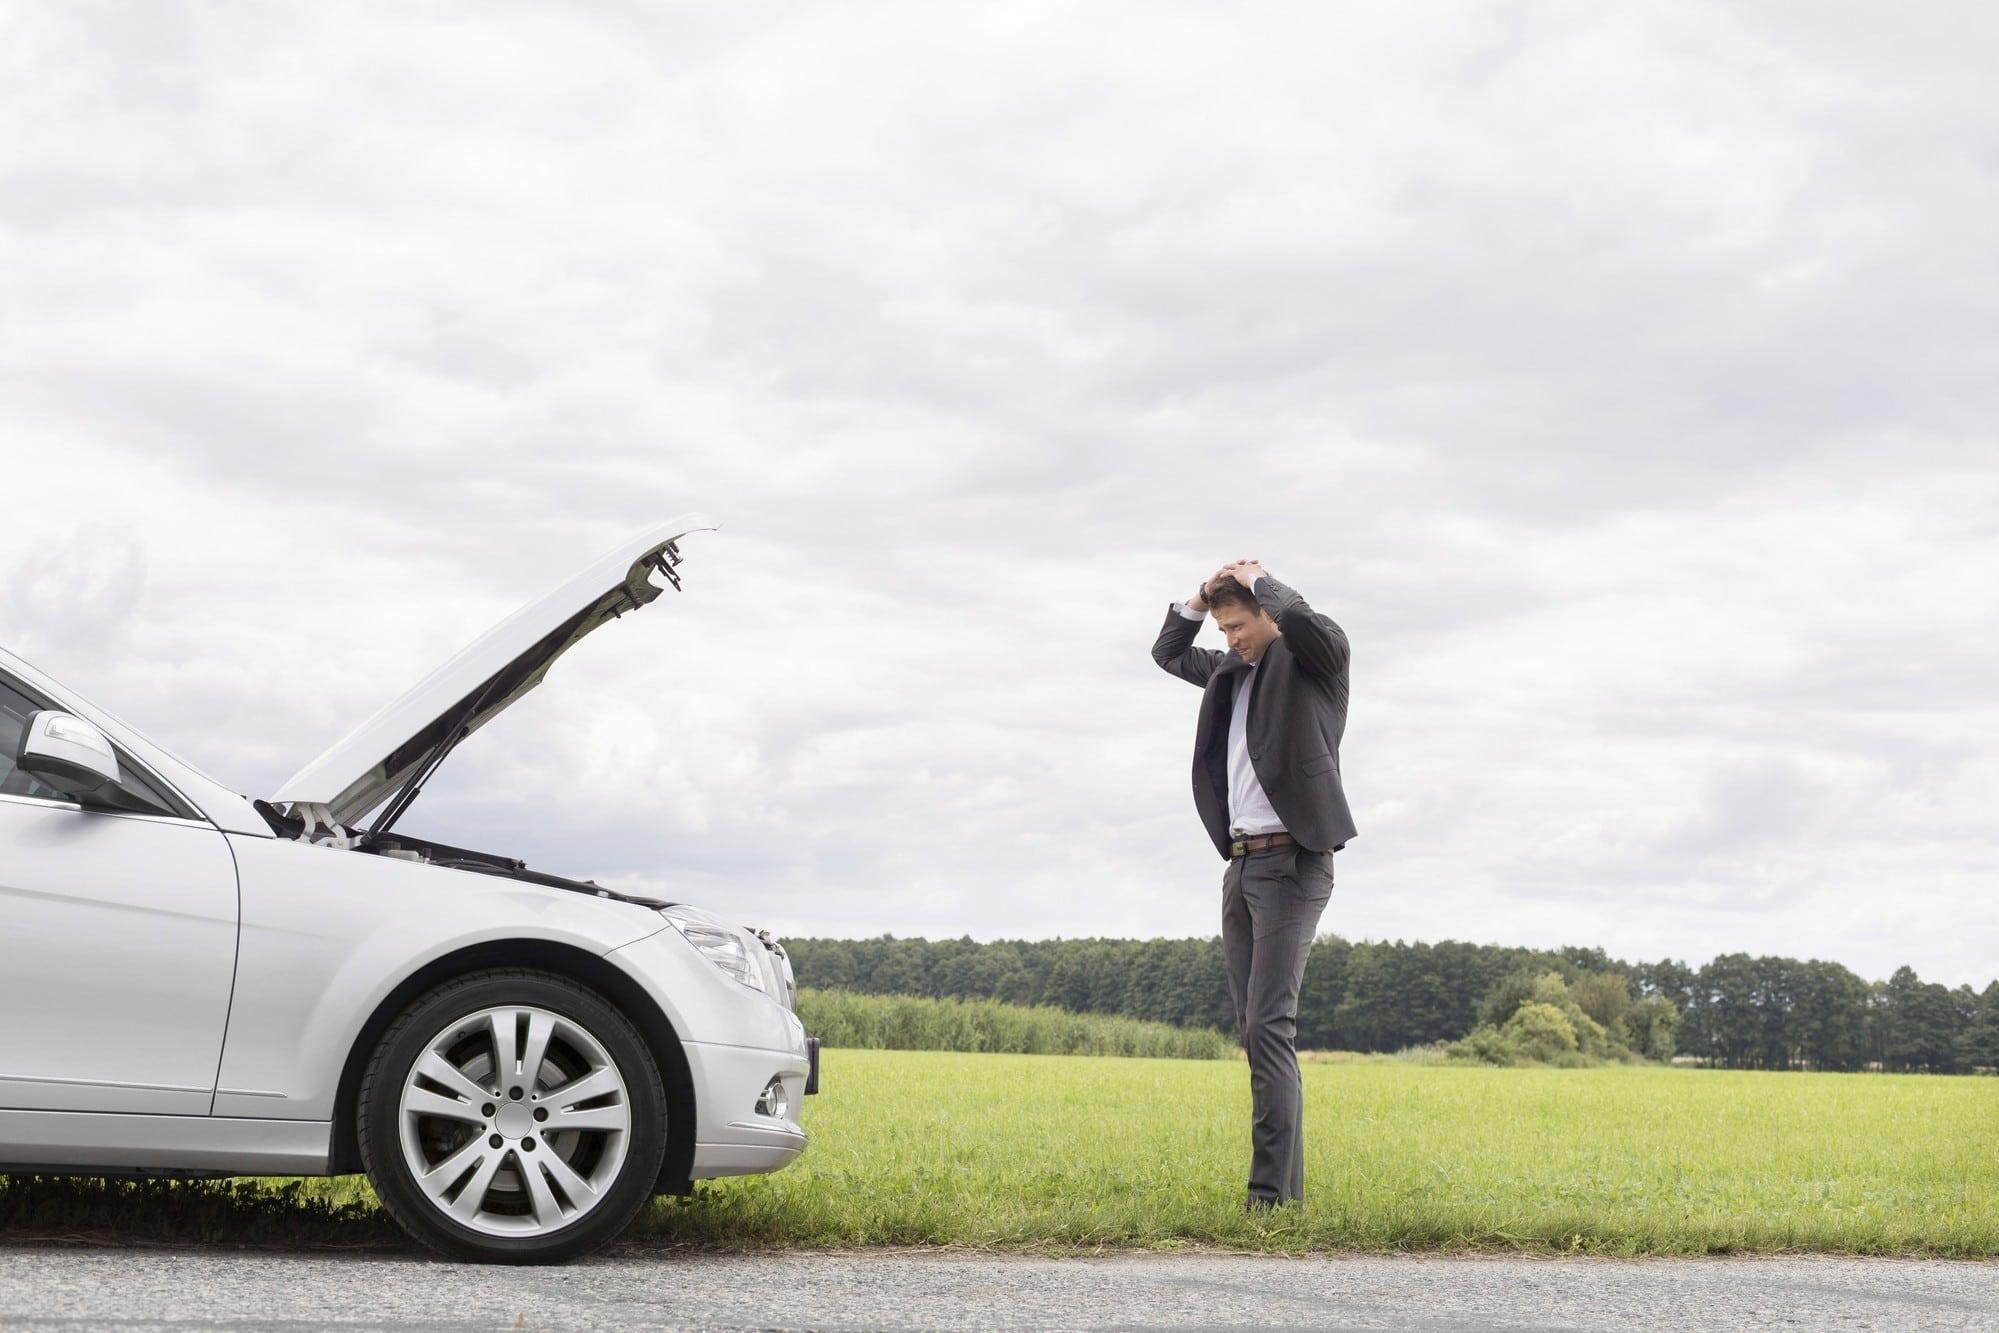 Quoi faire si votre voiture ne démarre pas - Ste-Foy Hyundai